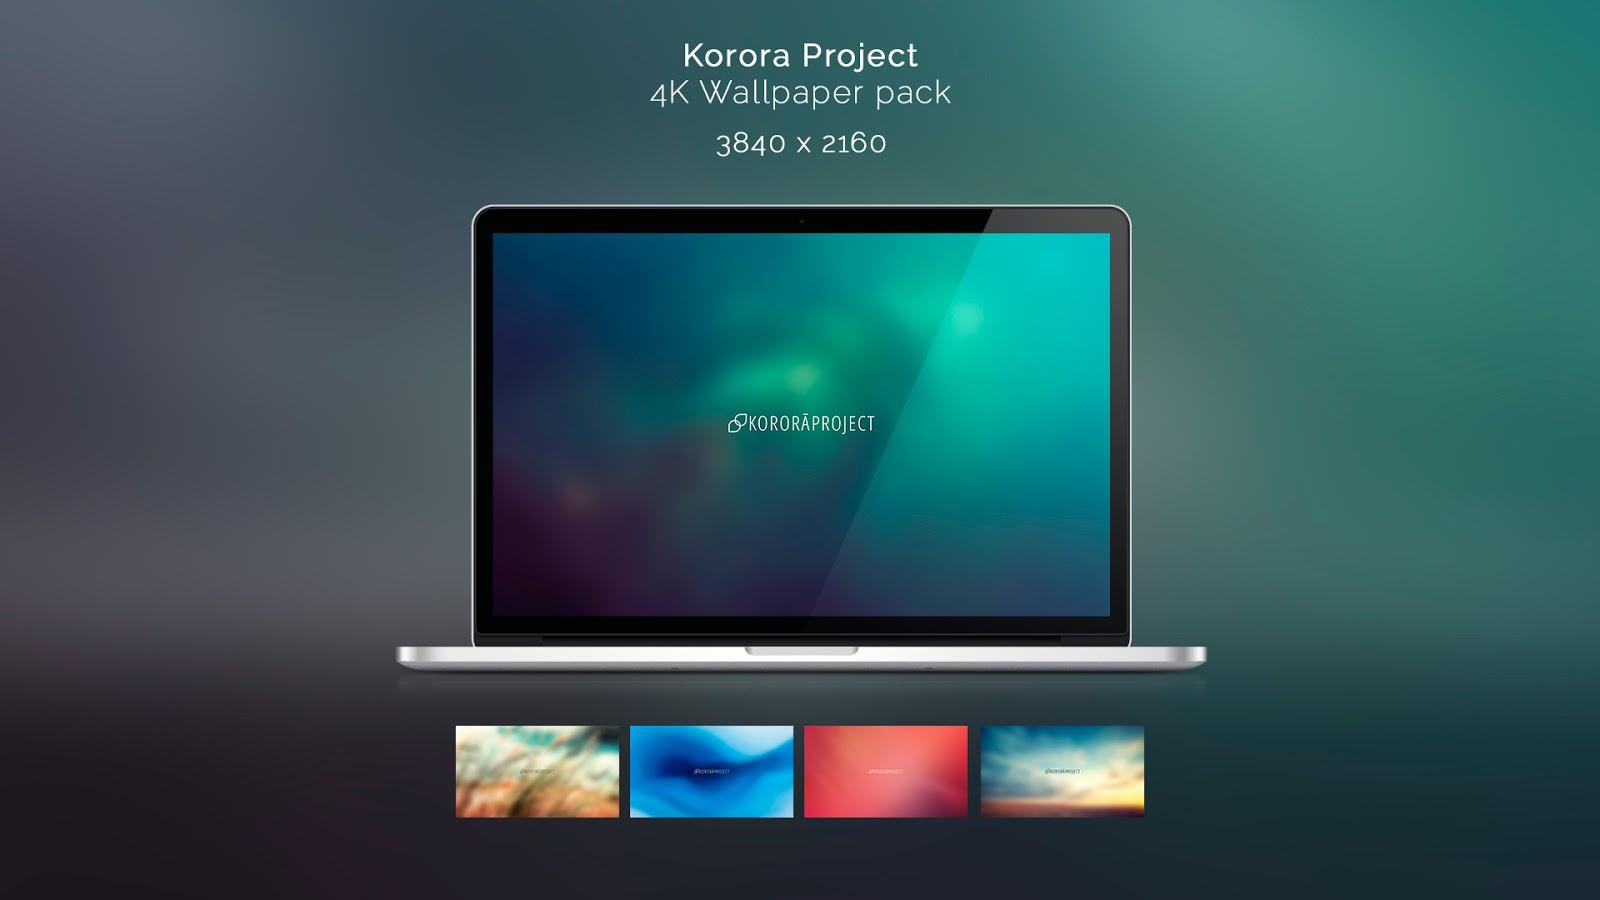 Minimalist Wallpaper Fall Korora Project 4k Wallpaper Pack Windows10 Themes I